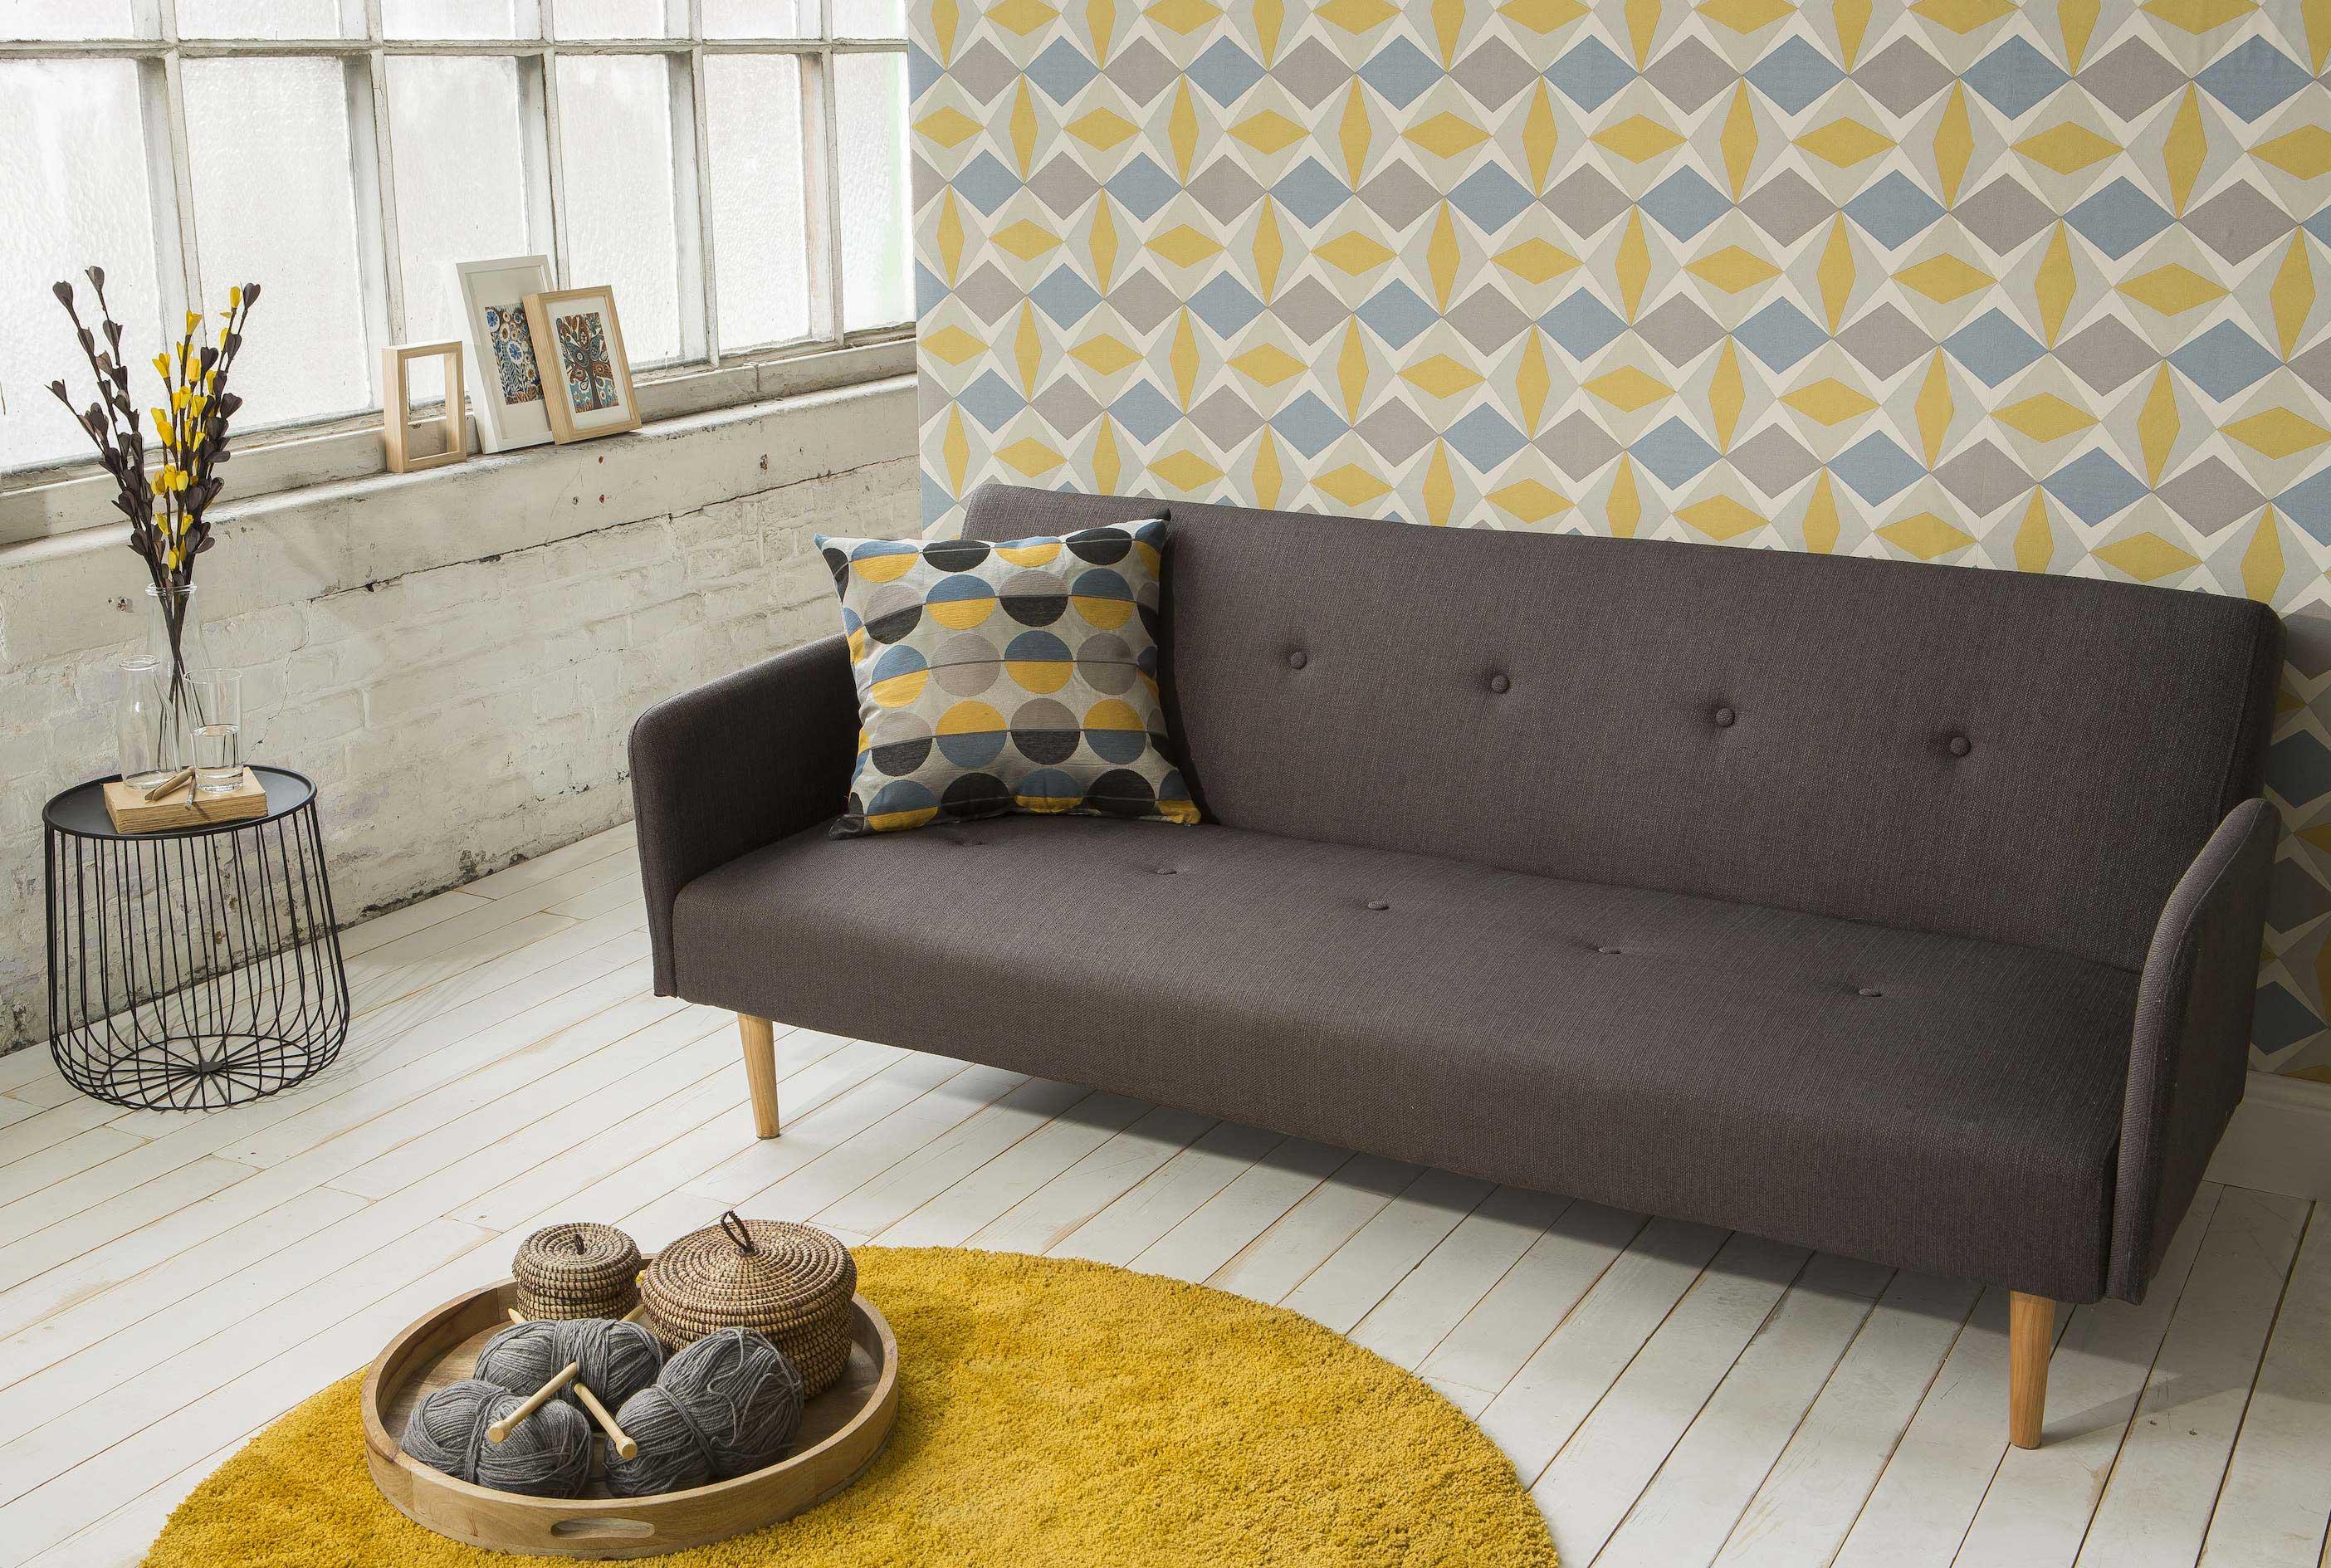 Idées De Canapé Convertible - Canapé 3 places pour idees decoration interieur appartement